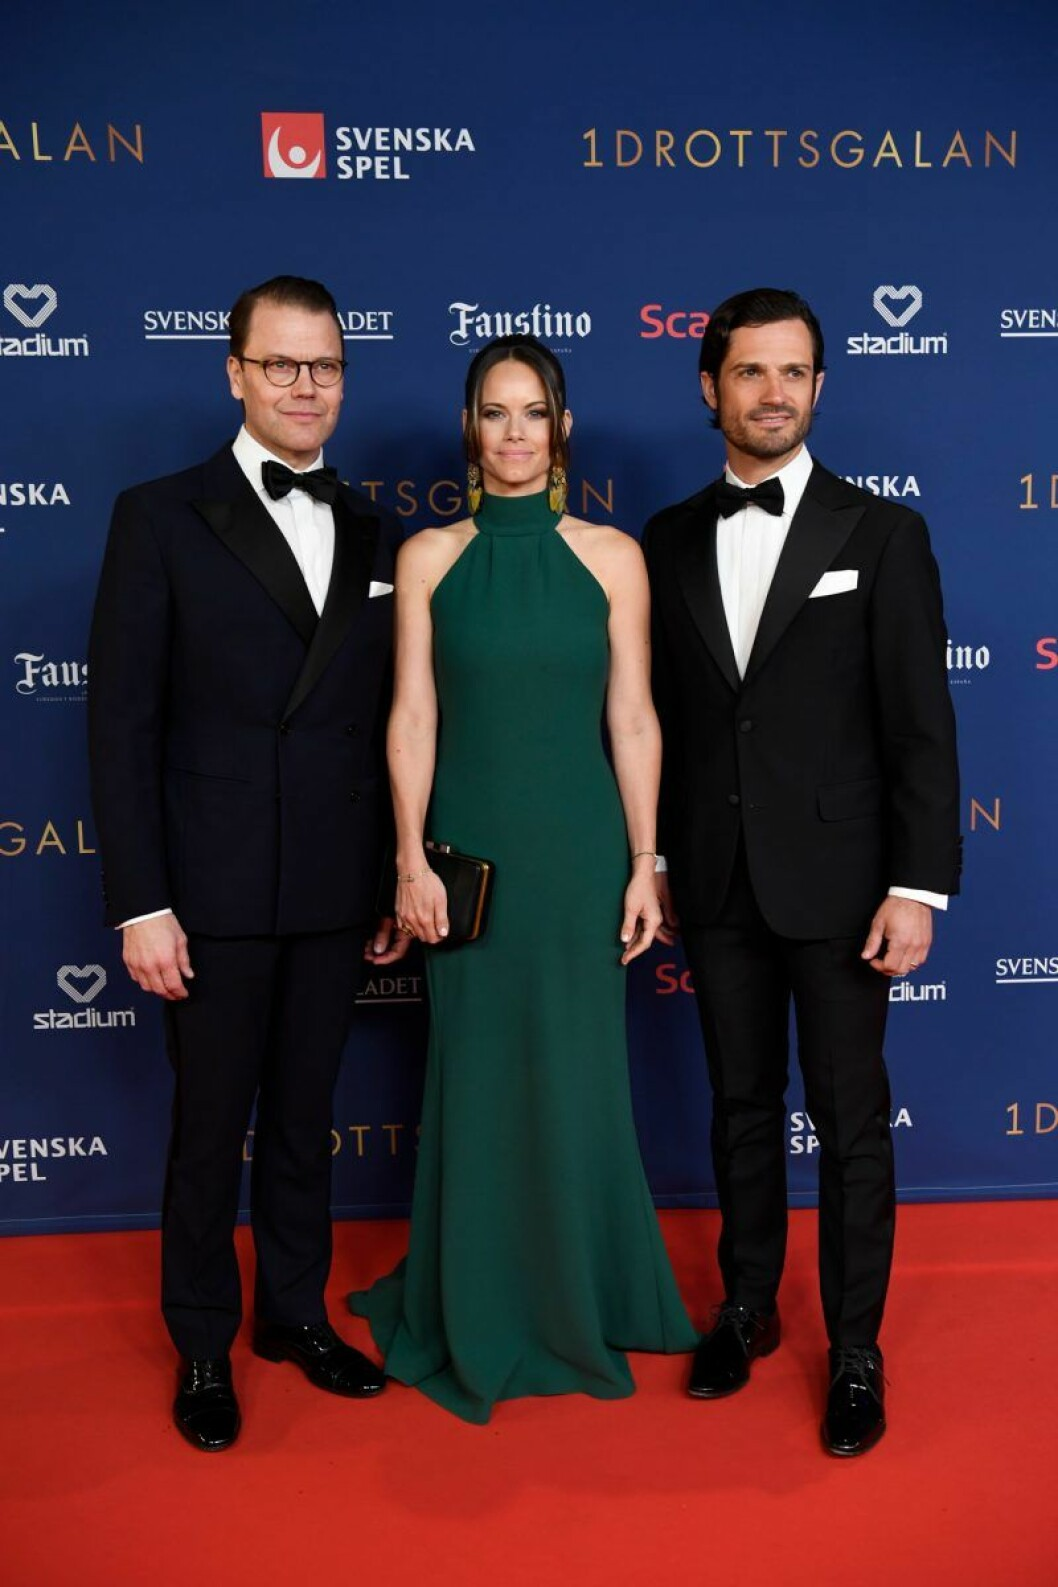 Prins Daniel, prinsessan Sofia och prins Carl-Philip på röda mattan på Idrottsgalan 2020